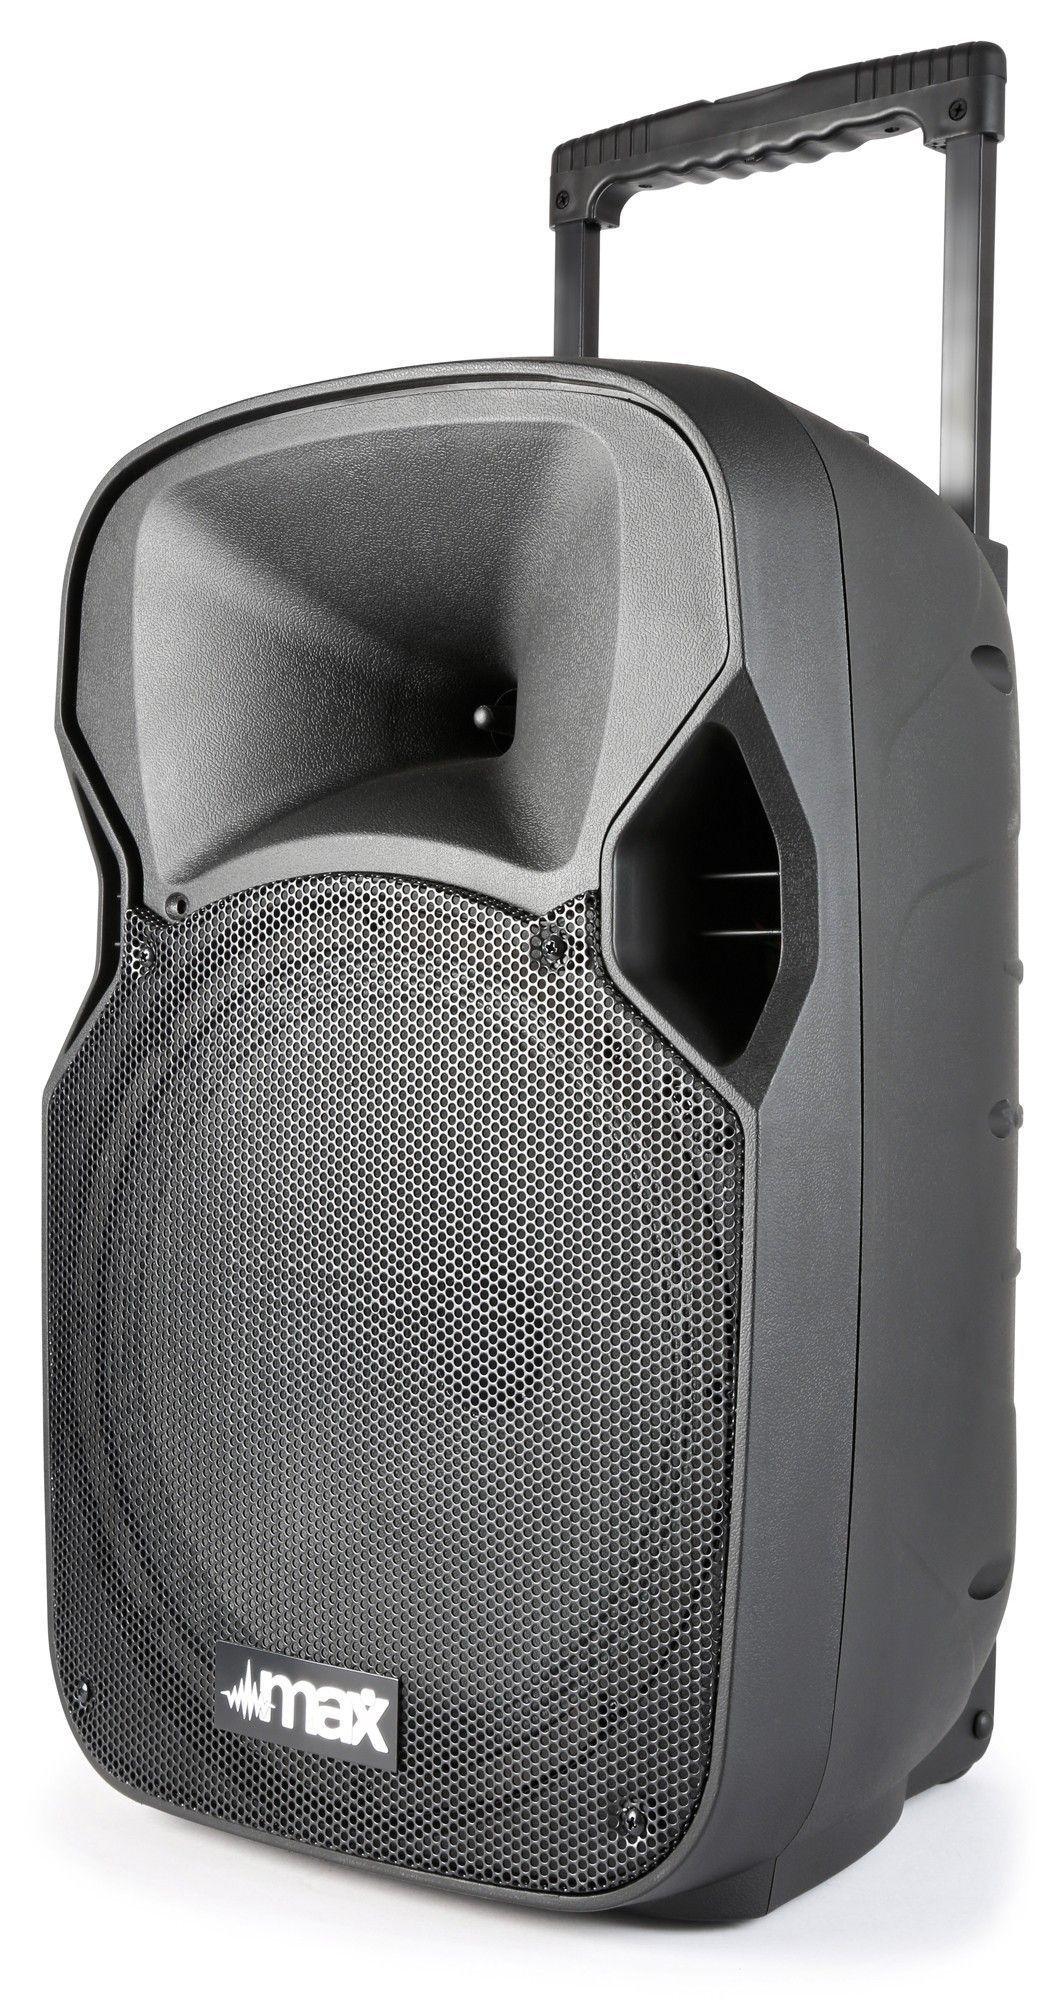 170040 max p12bt mobiele speaker 12 inch met bluetooth zijkant.jpg